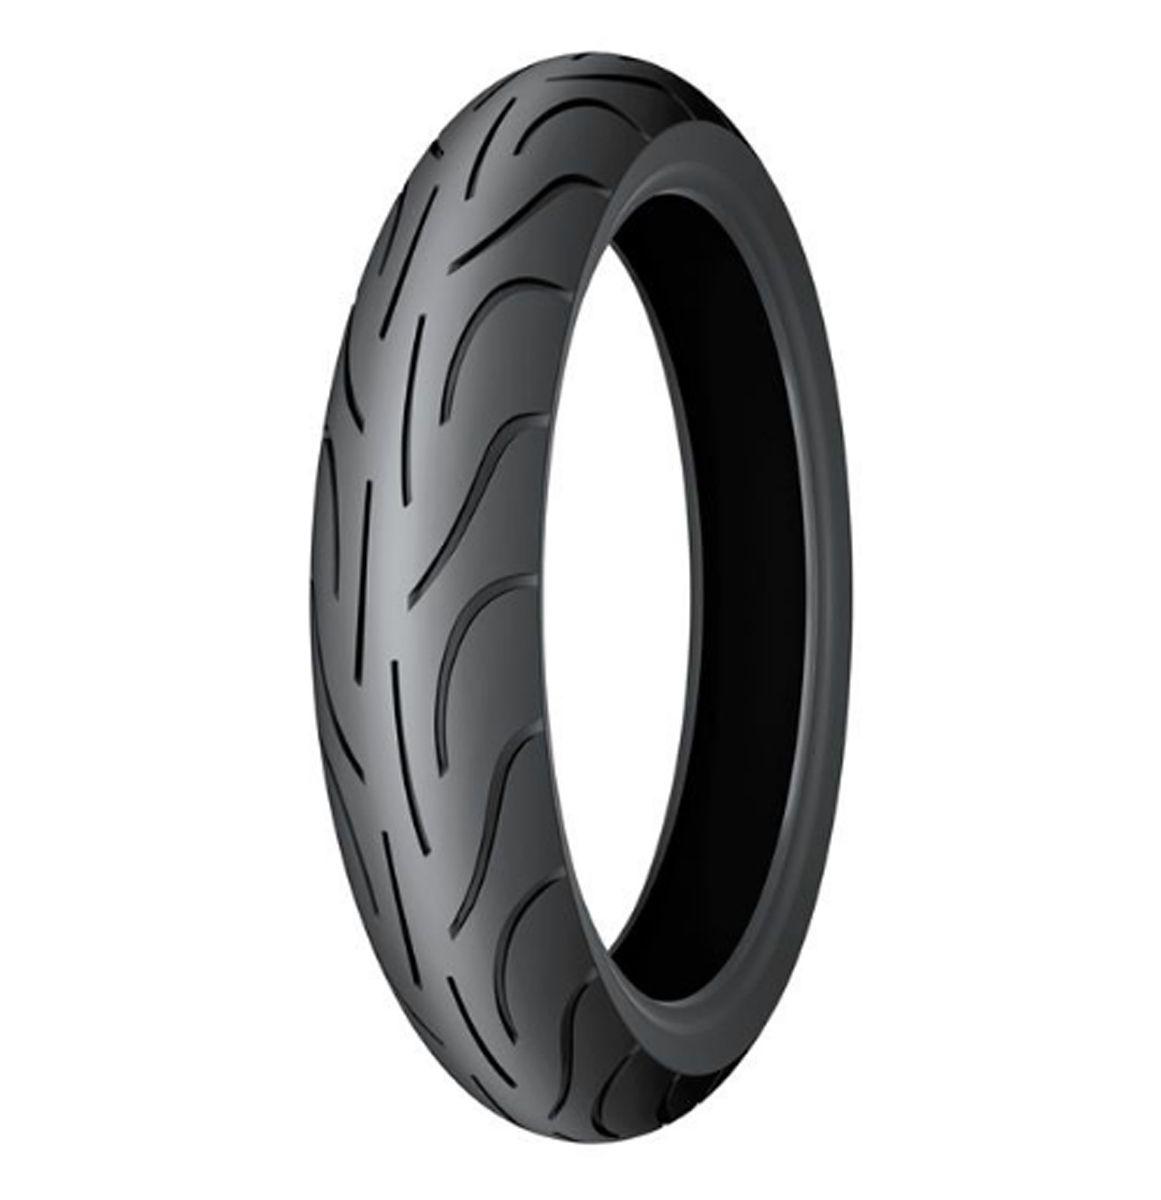 Pneu para Moto Michelin PILOT POWER 2CT Dianteiro 120/70 ZR17 (58W)